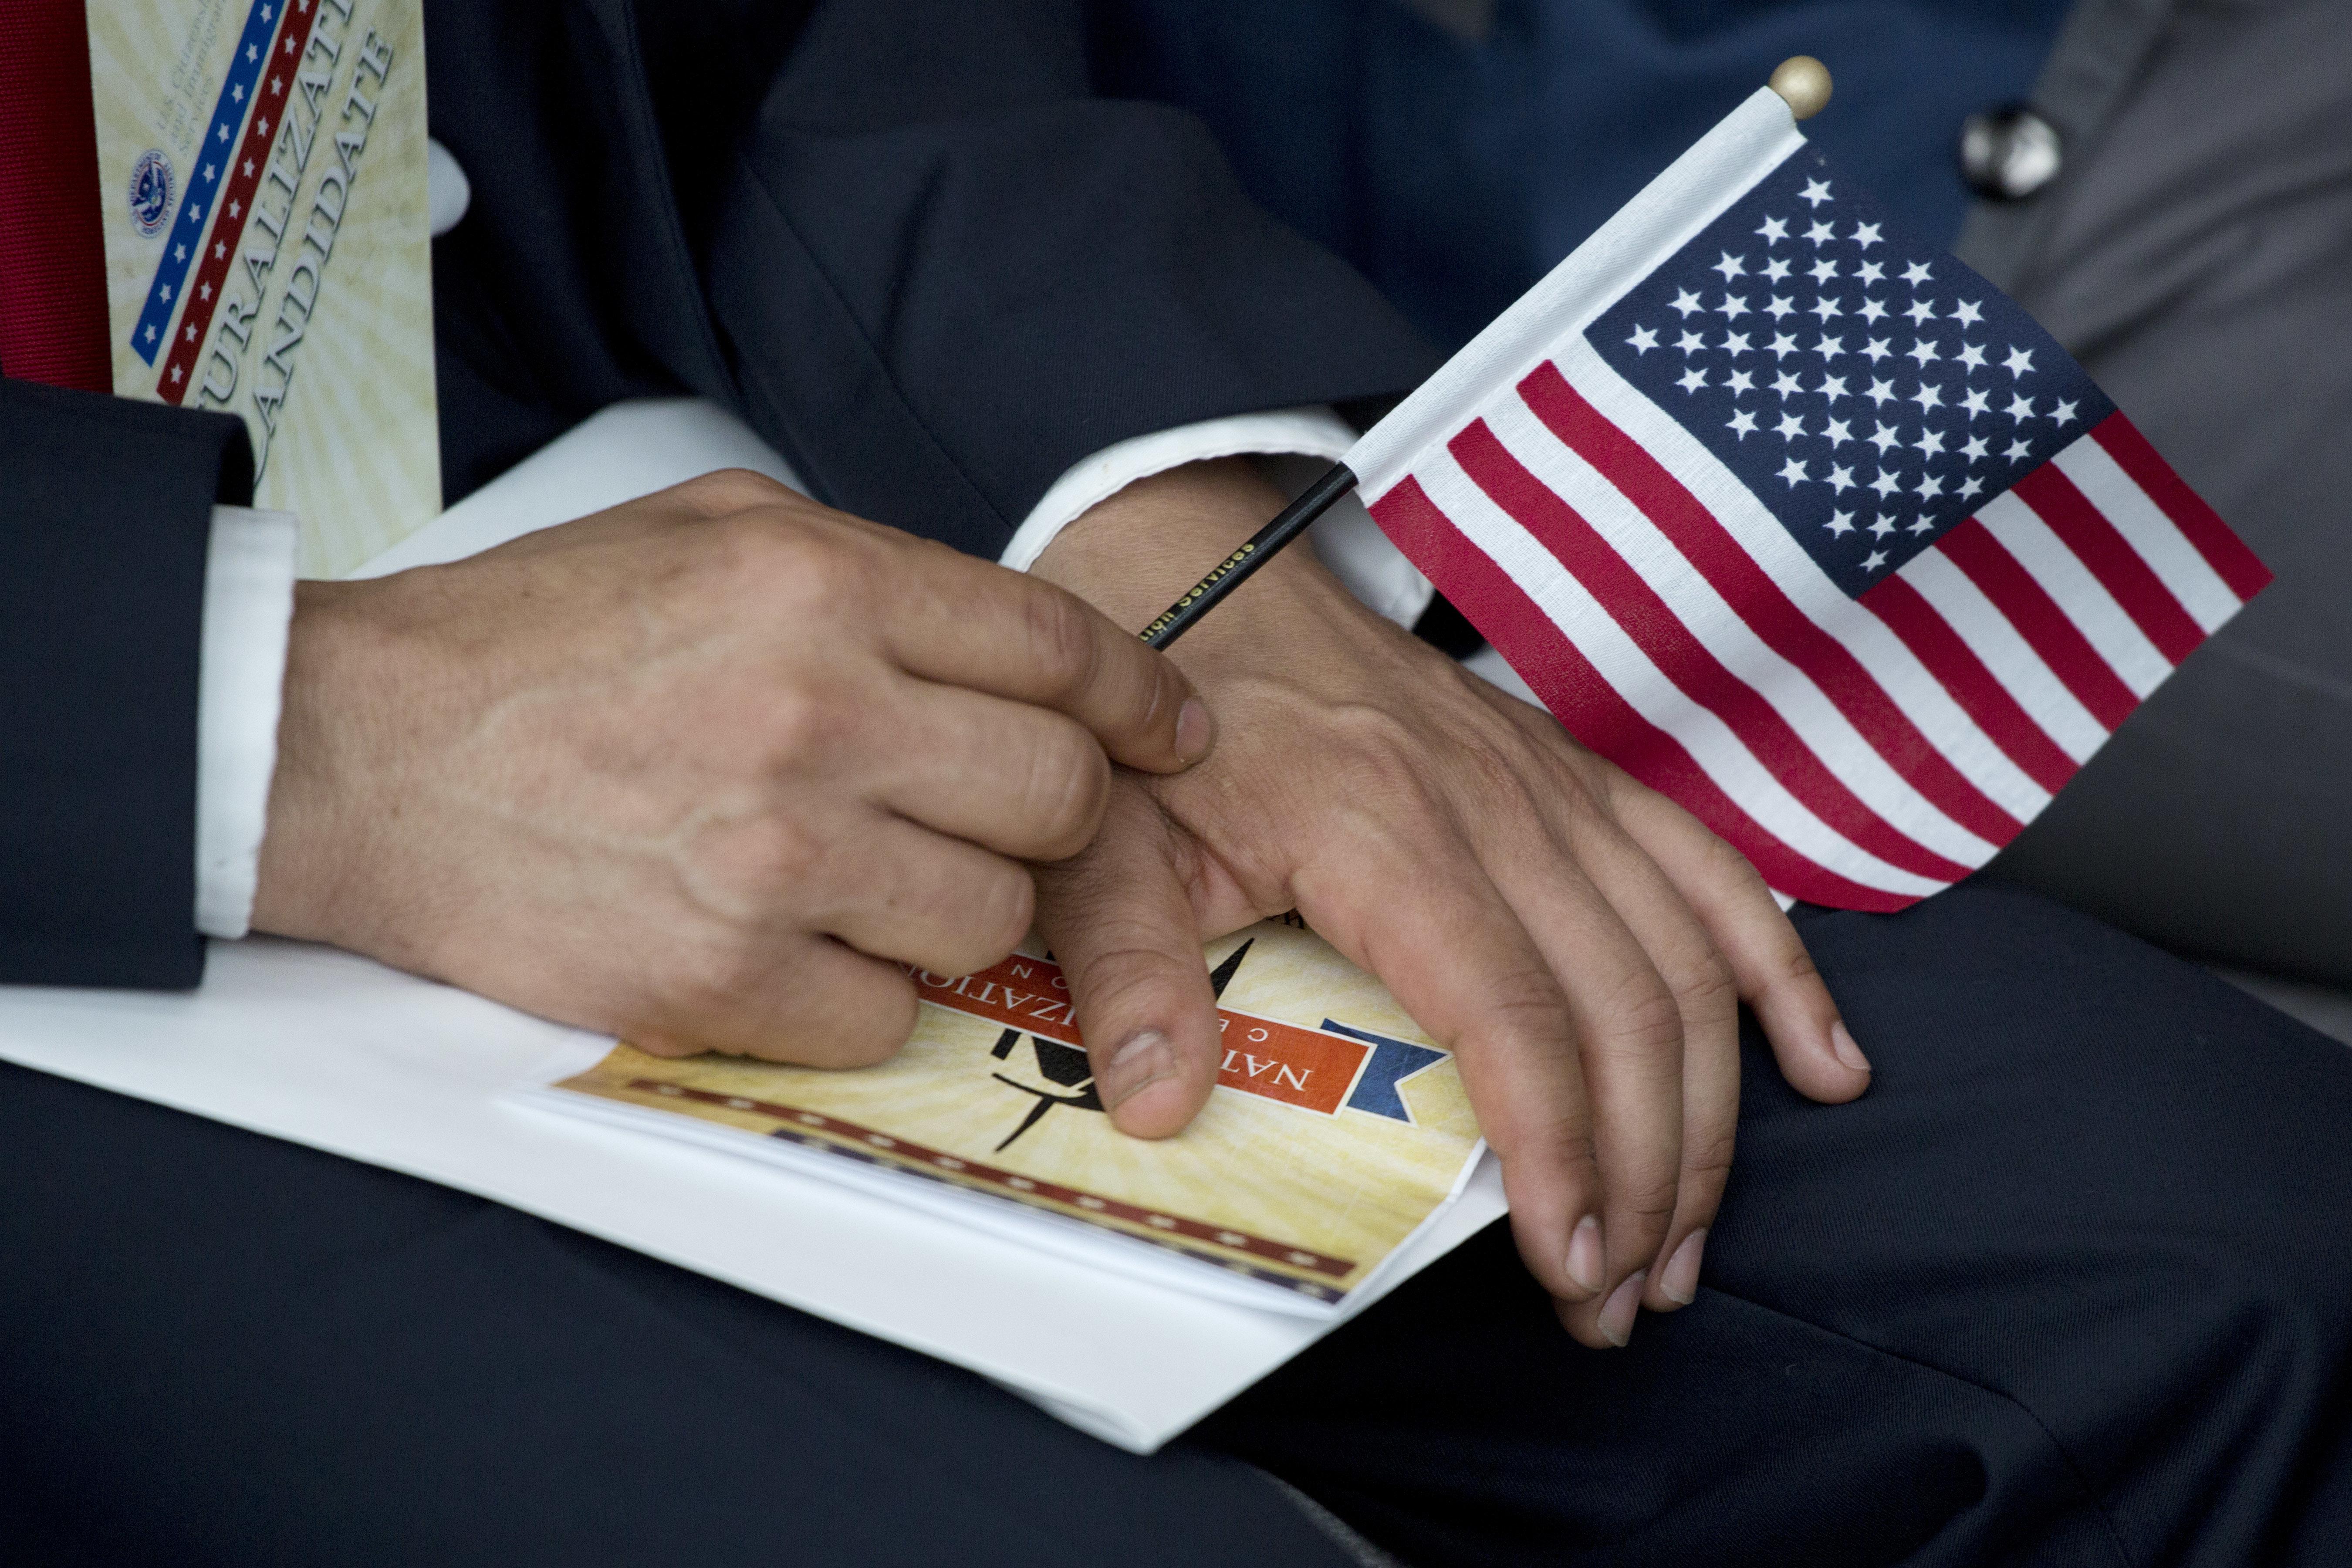 أحد المواطنين الأميركيين الجدد خلال مراسم نظمت في نيويورك